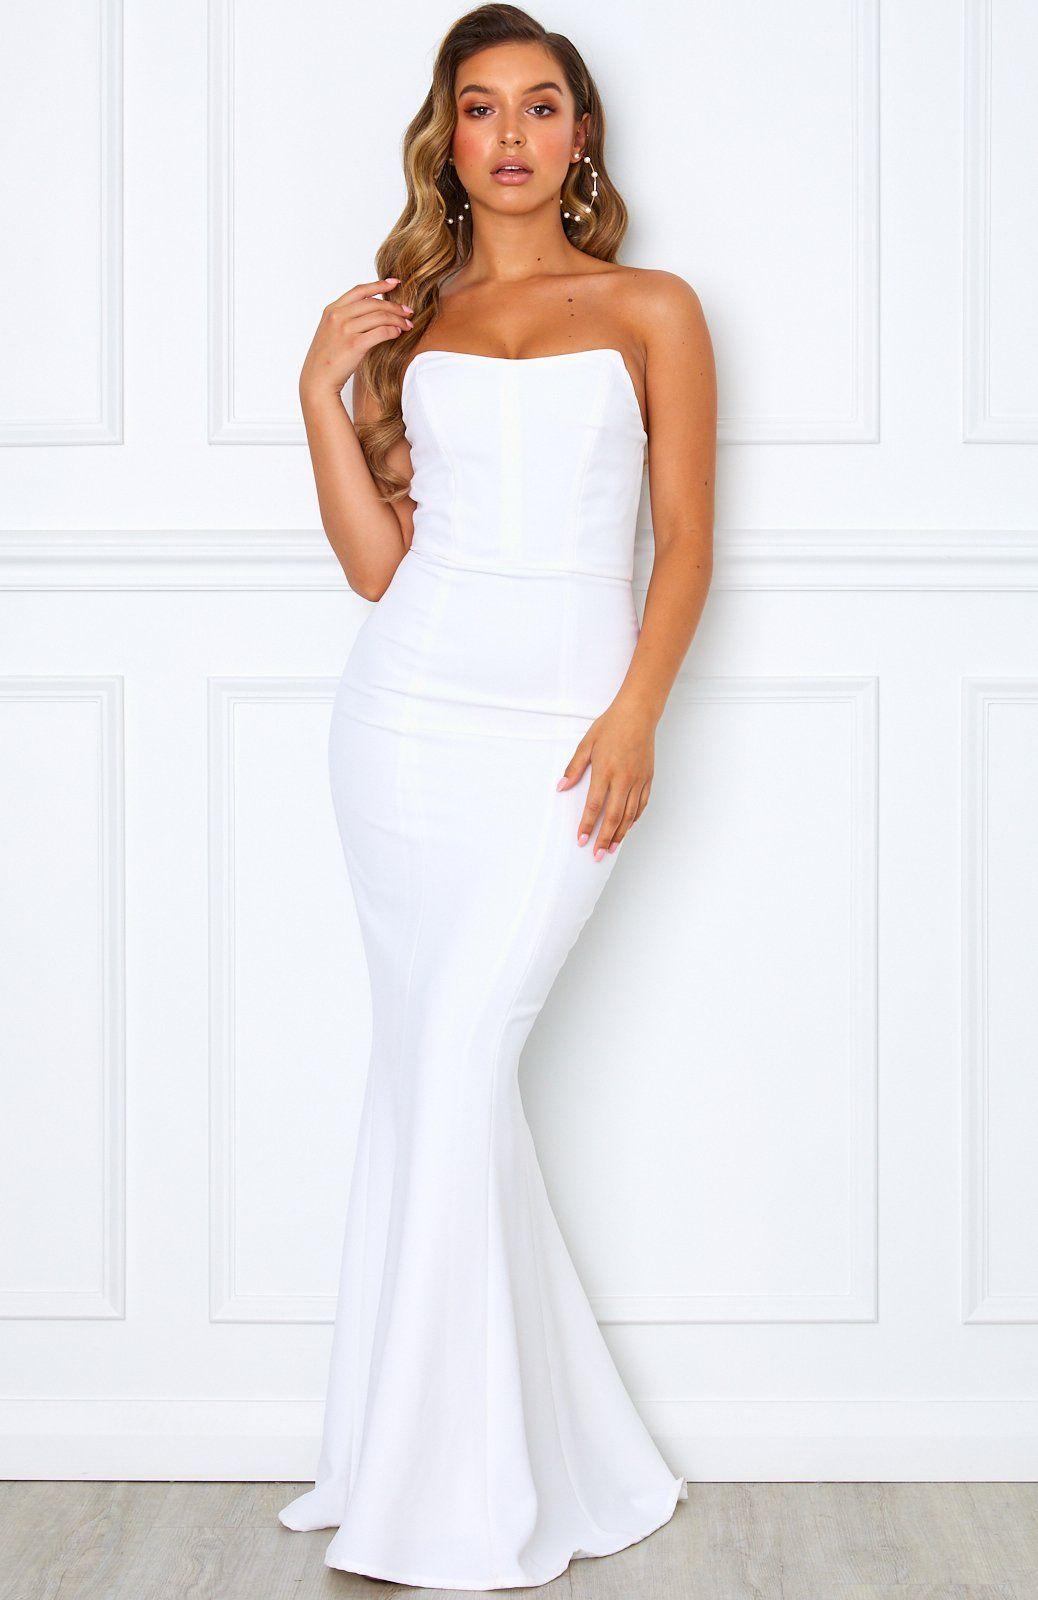 Sophia Maxi Dress White White Fox Boutique Usa White Prom Dress Long White Prom Dress White Strapless Maxi Dress [ 1600 x 1038 Pixel ]